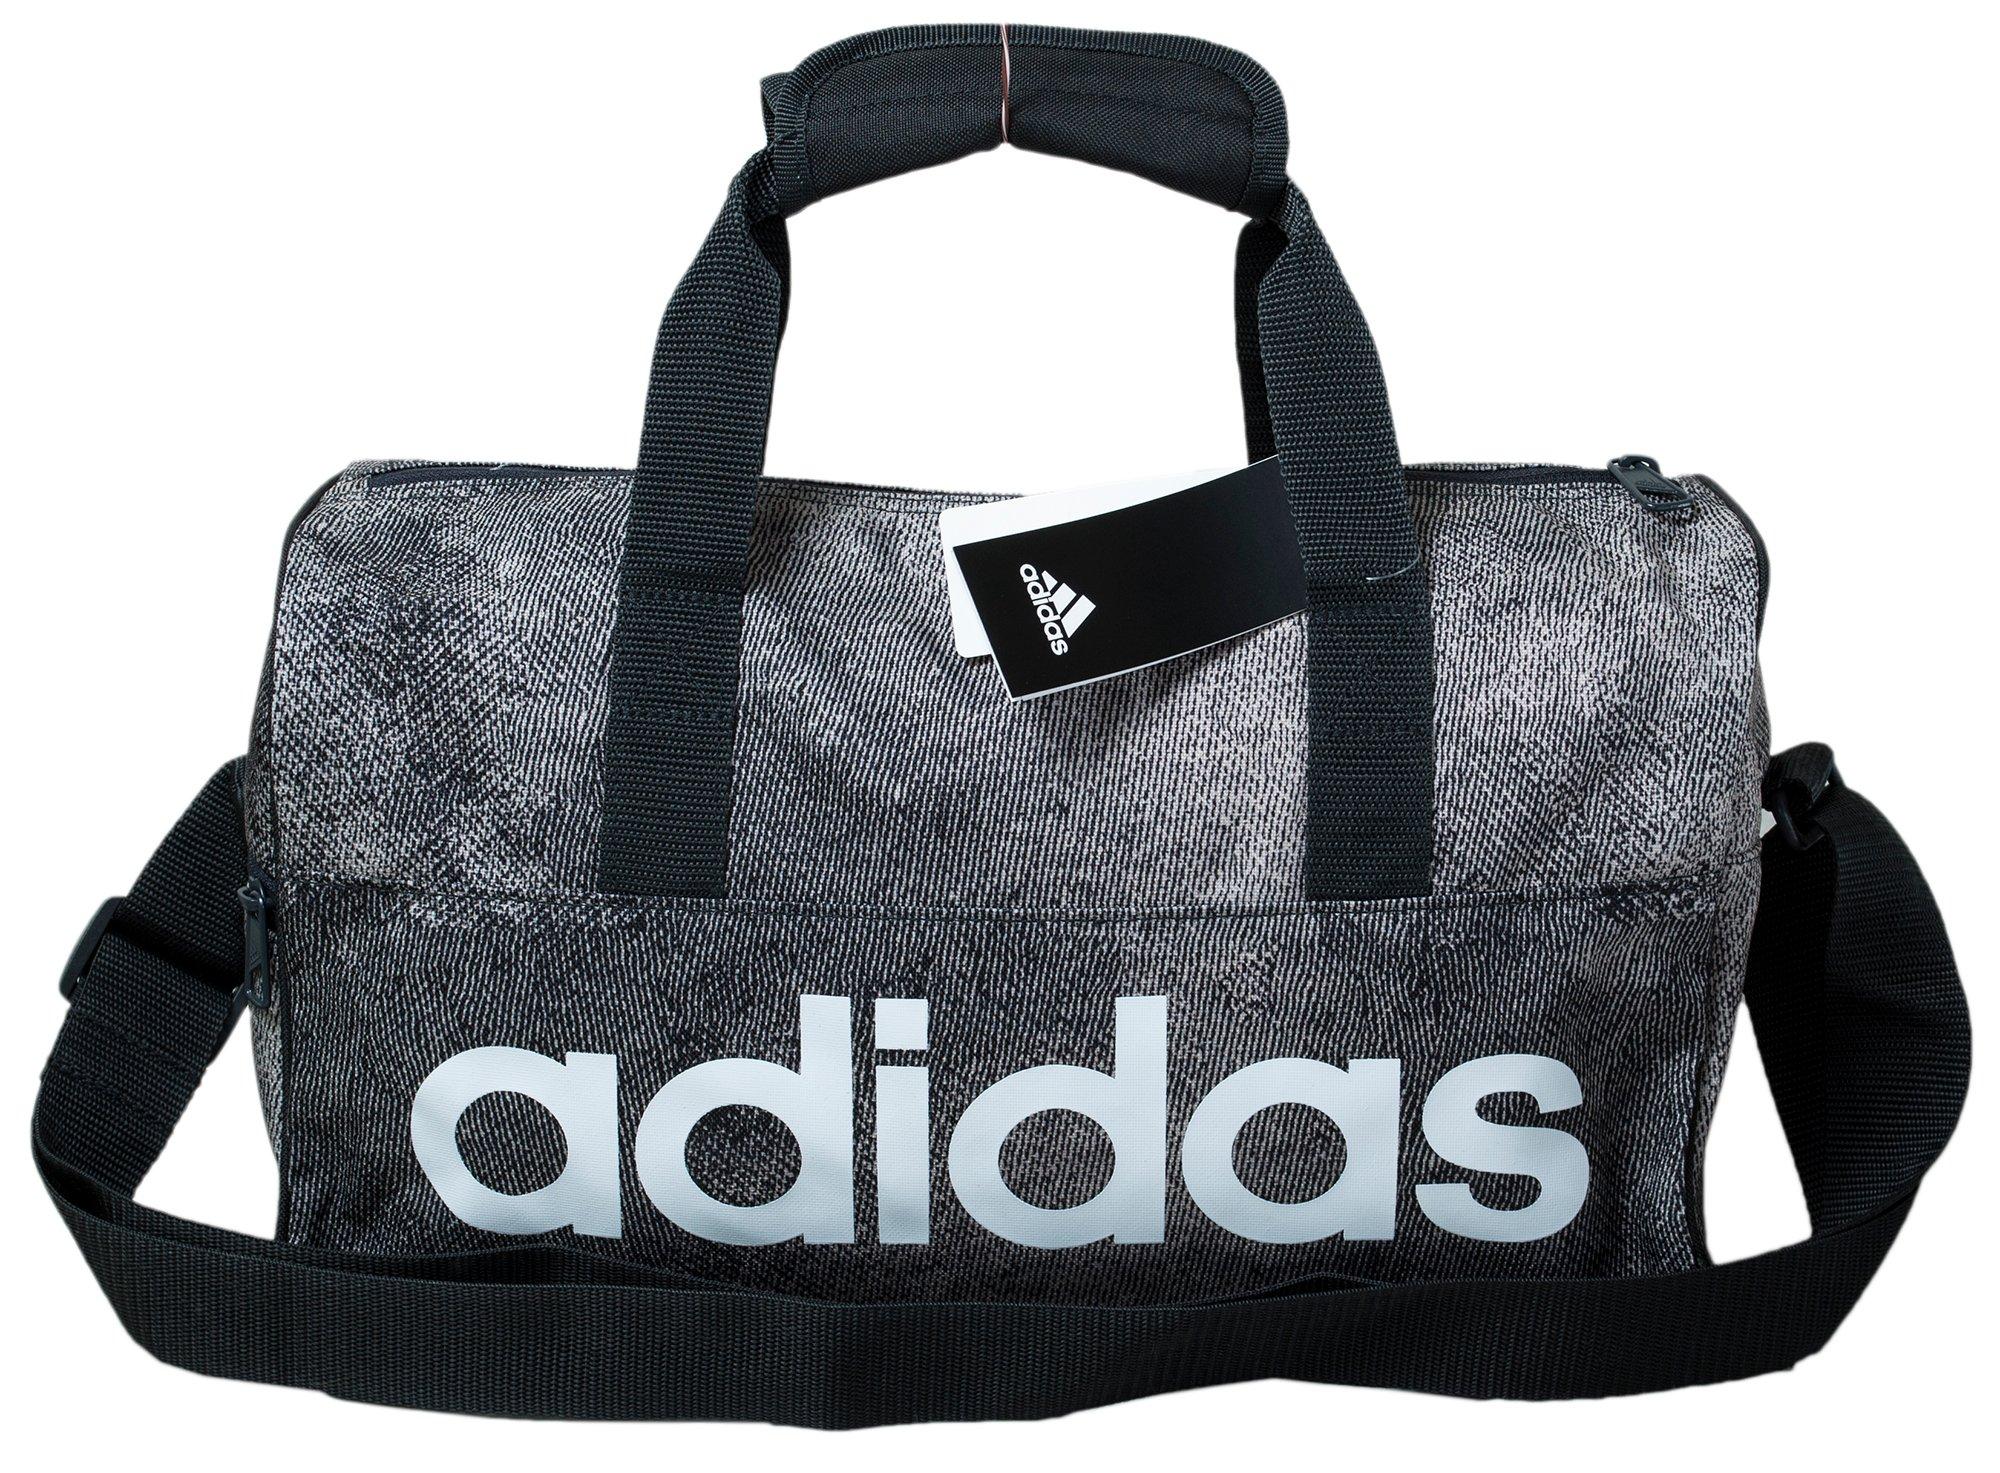 9974c9b8d2894 ADIDAS mała torba sportowa XS BARDZO FAJNA - 7406573032 - oficjalne ...